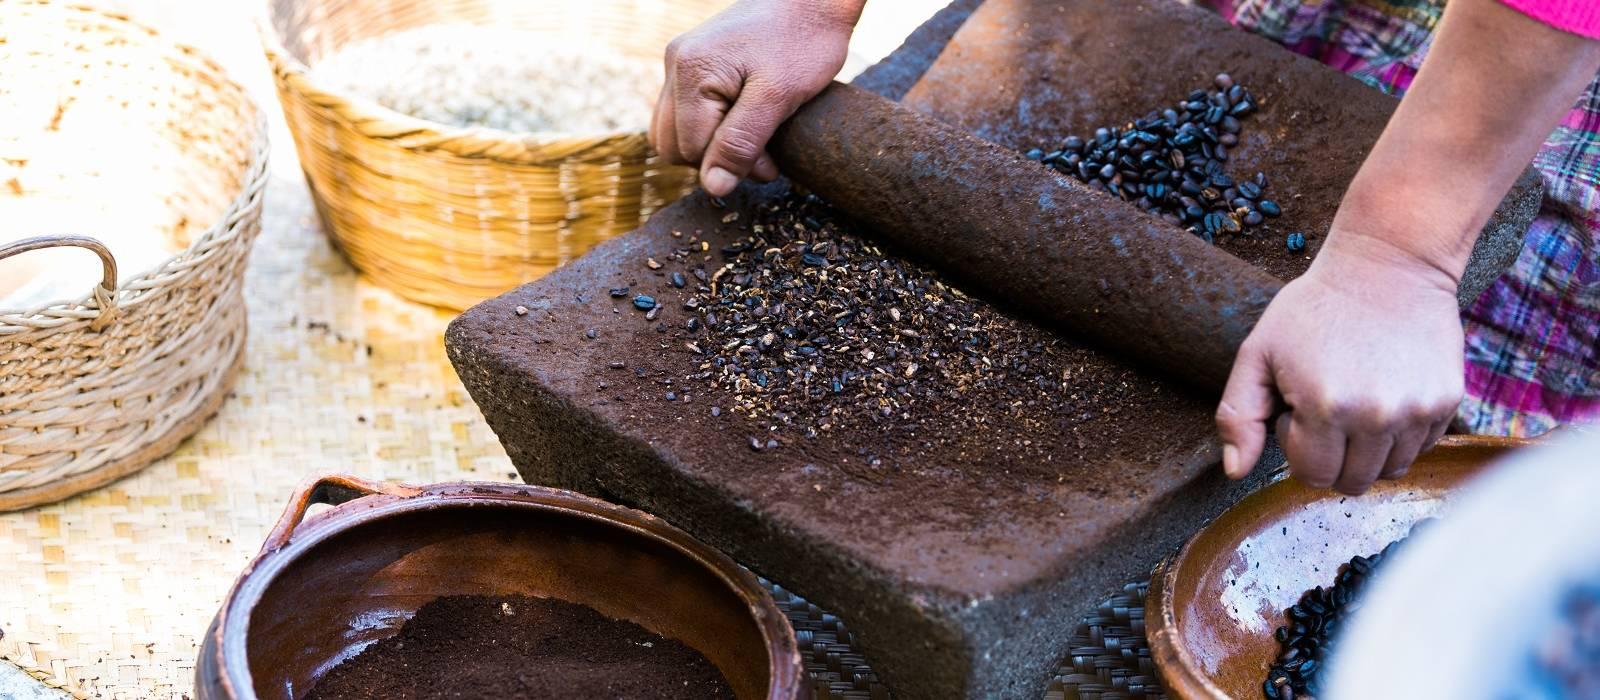 Guatemala: Hidden Treasures Tour Trip 1